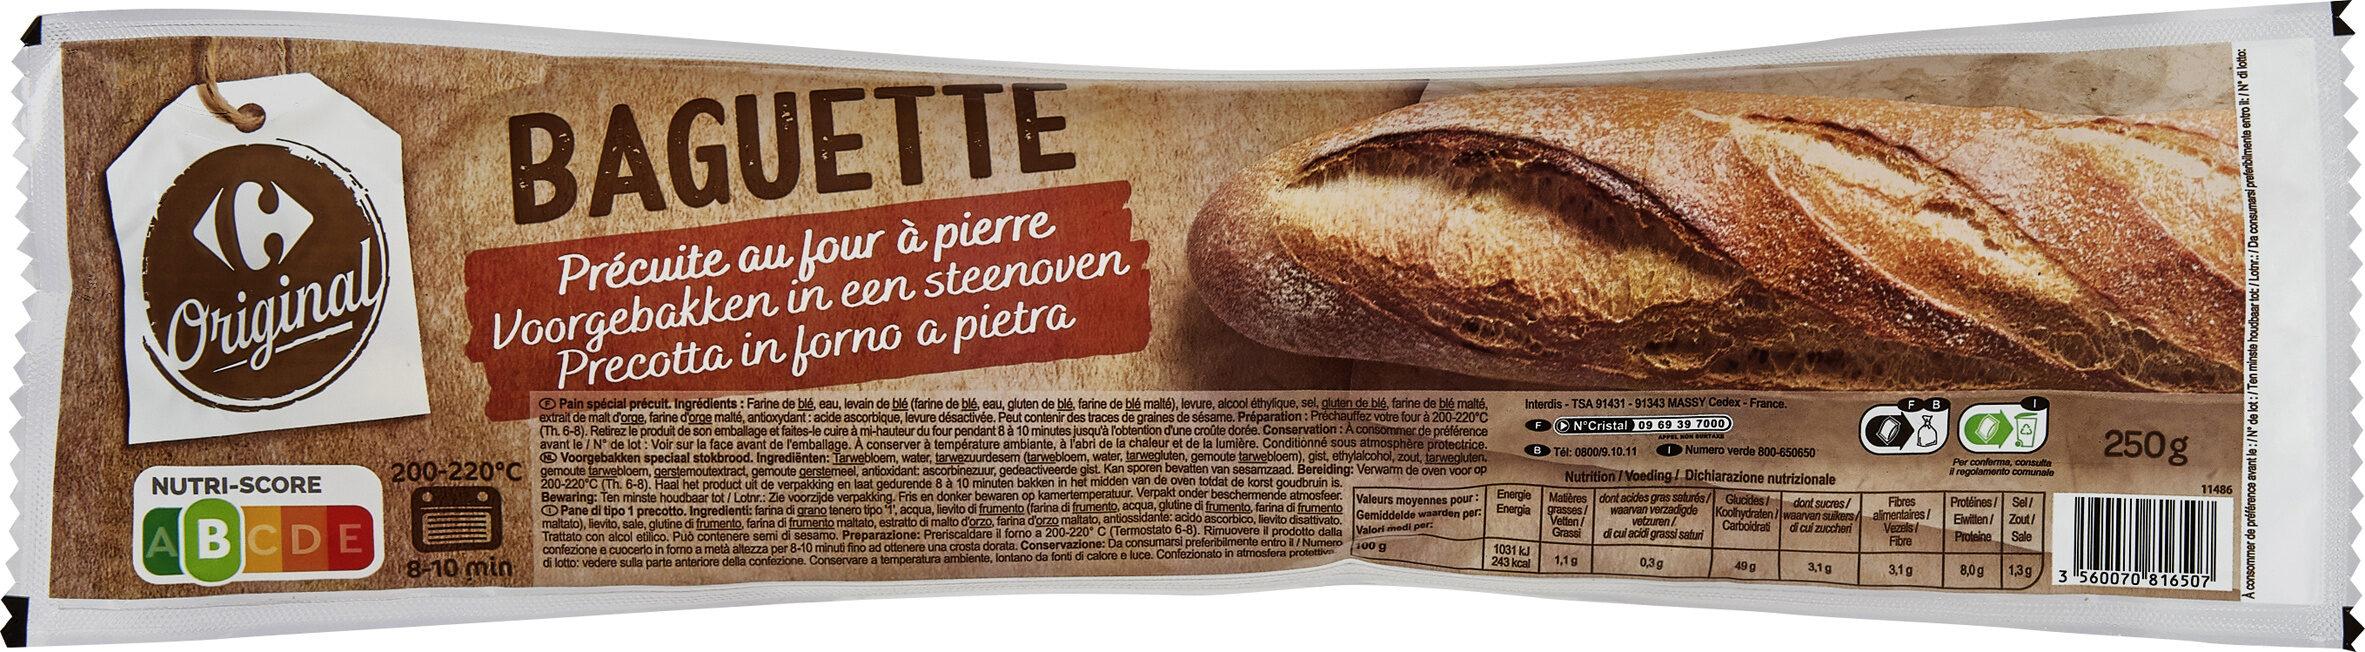 Baguette précuite - Produit - fr